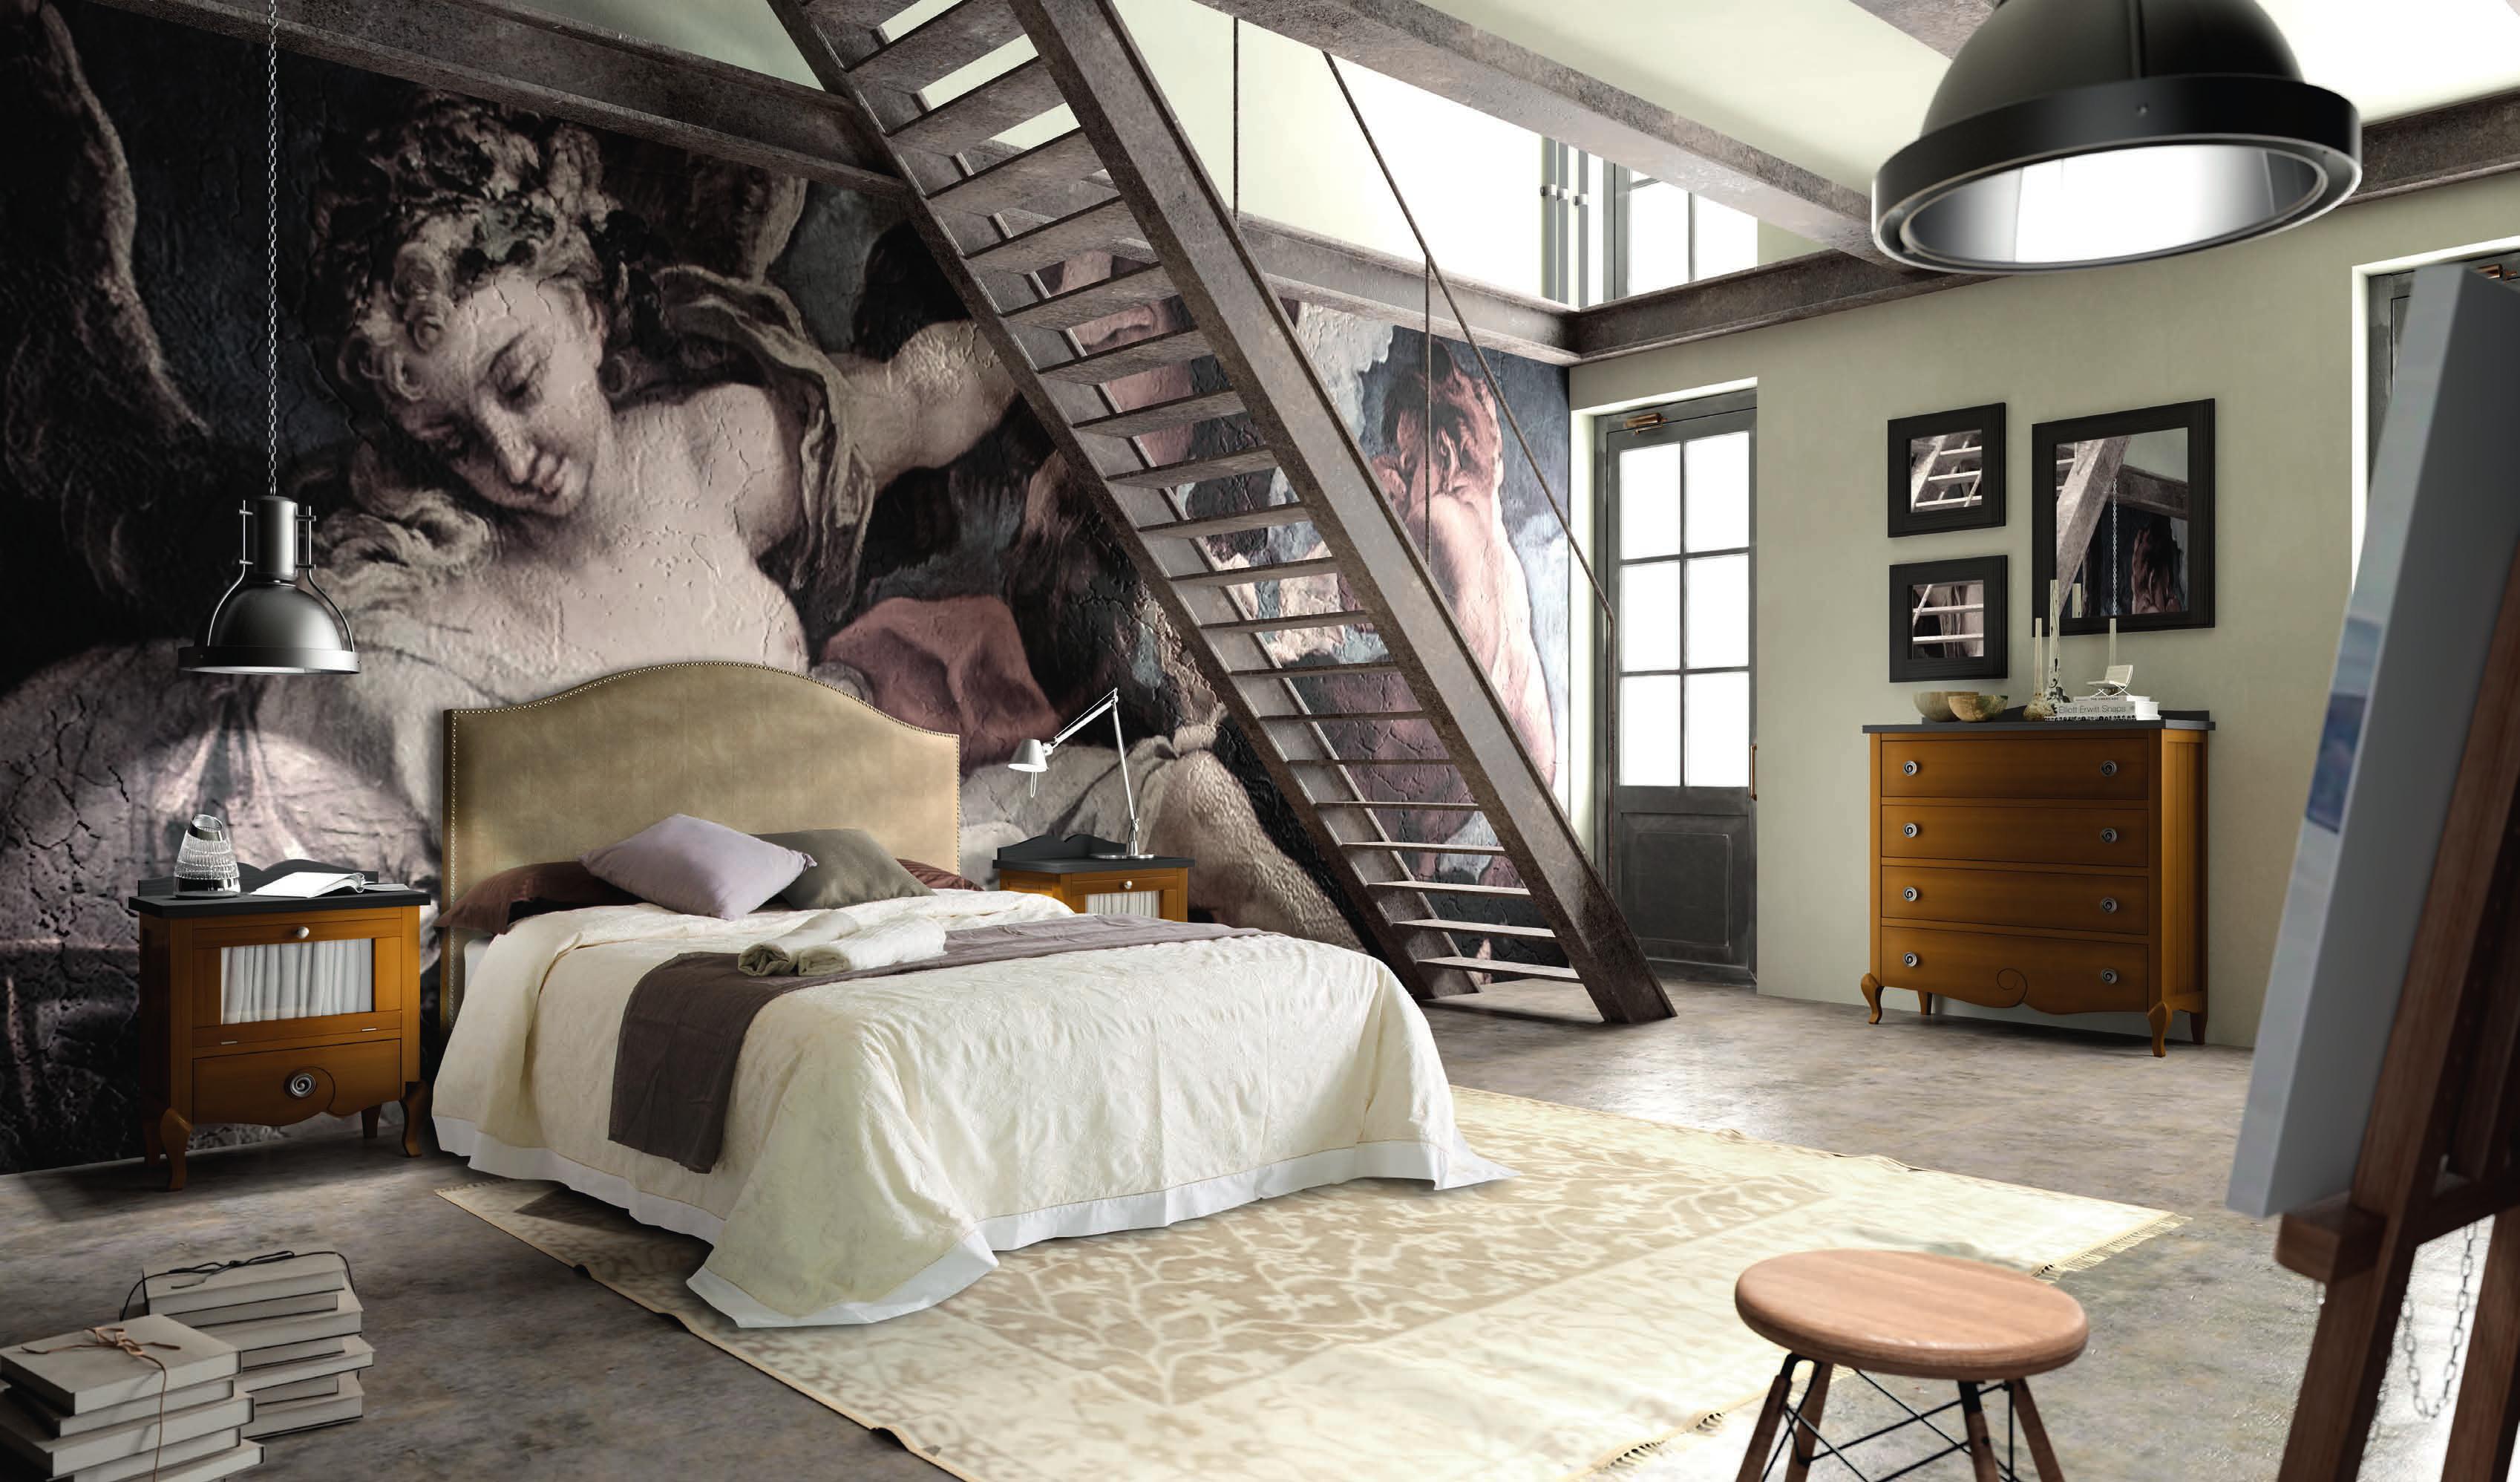 416-dormitorio-B-11